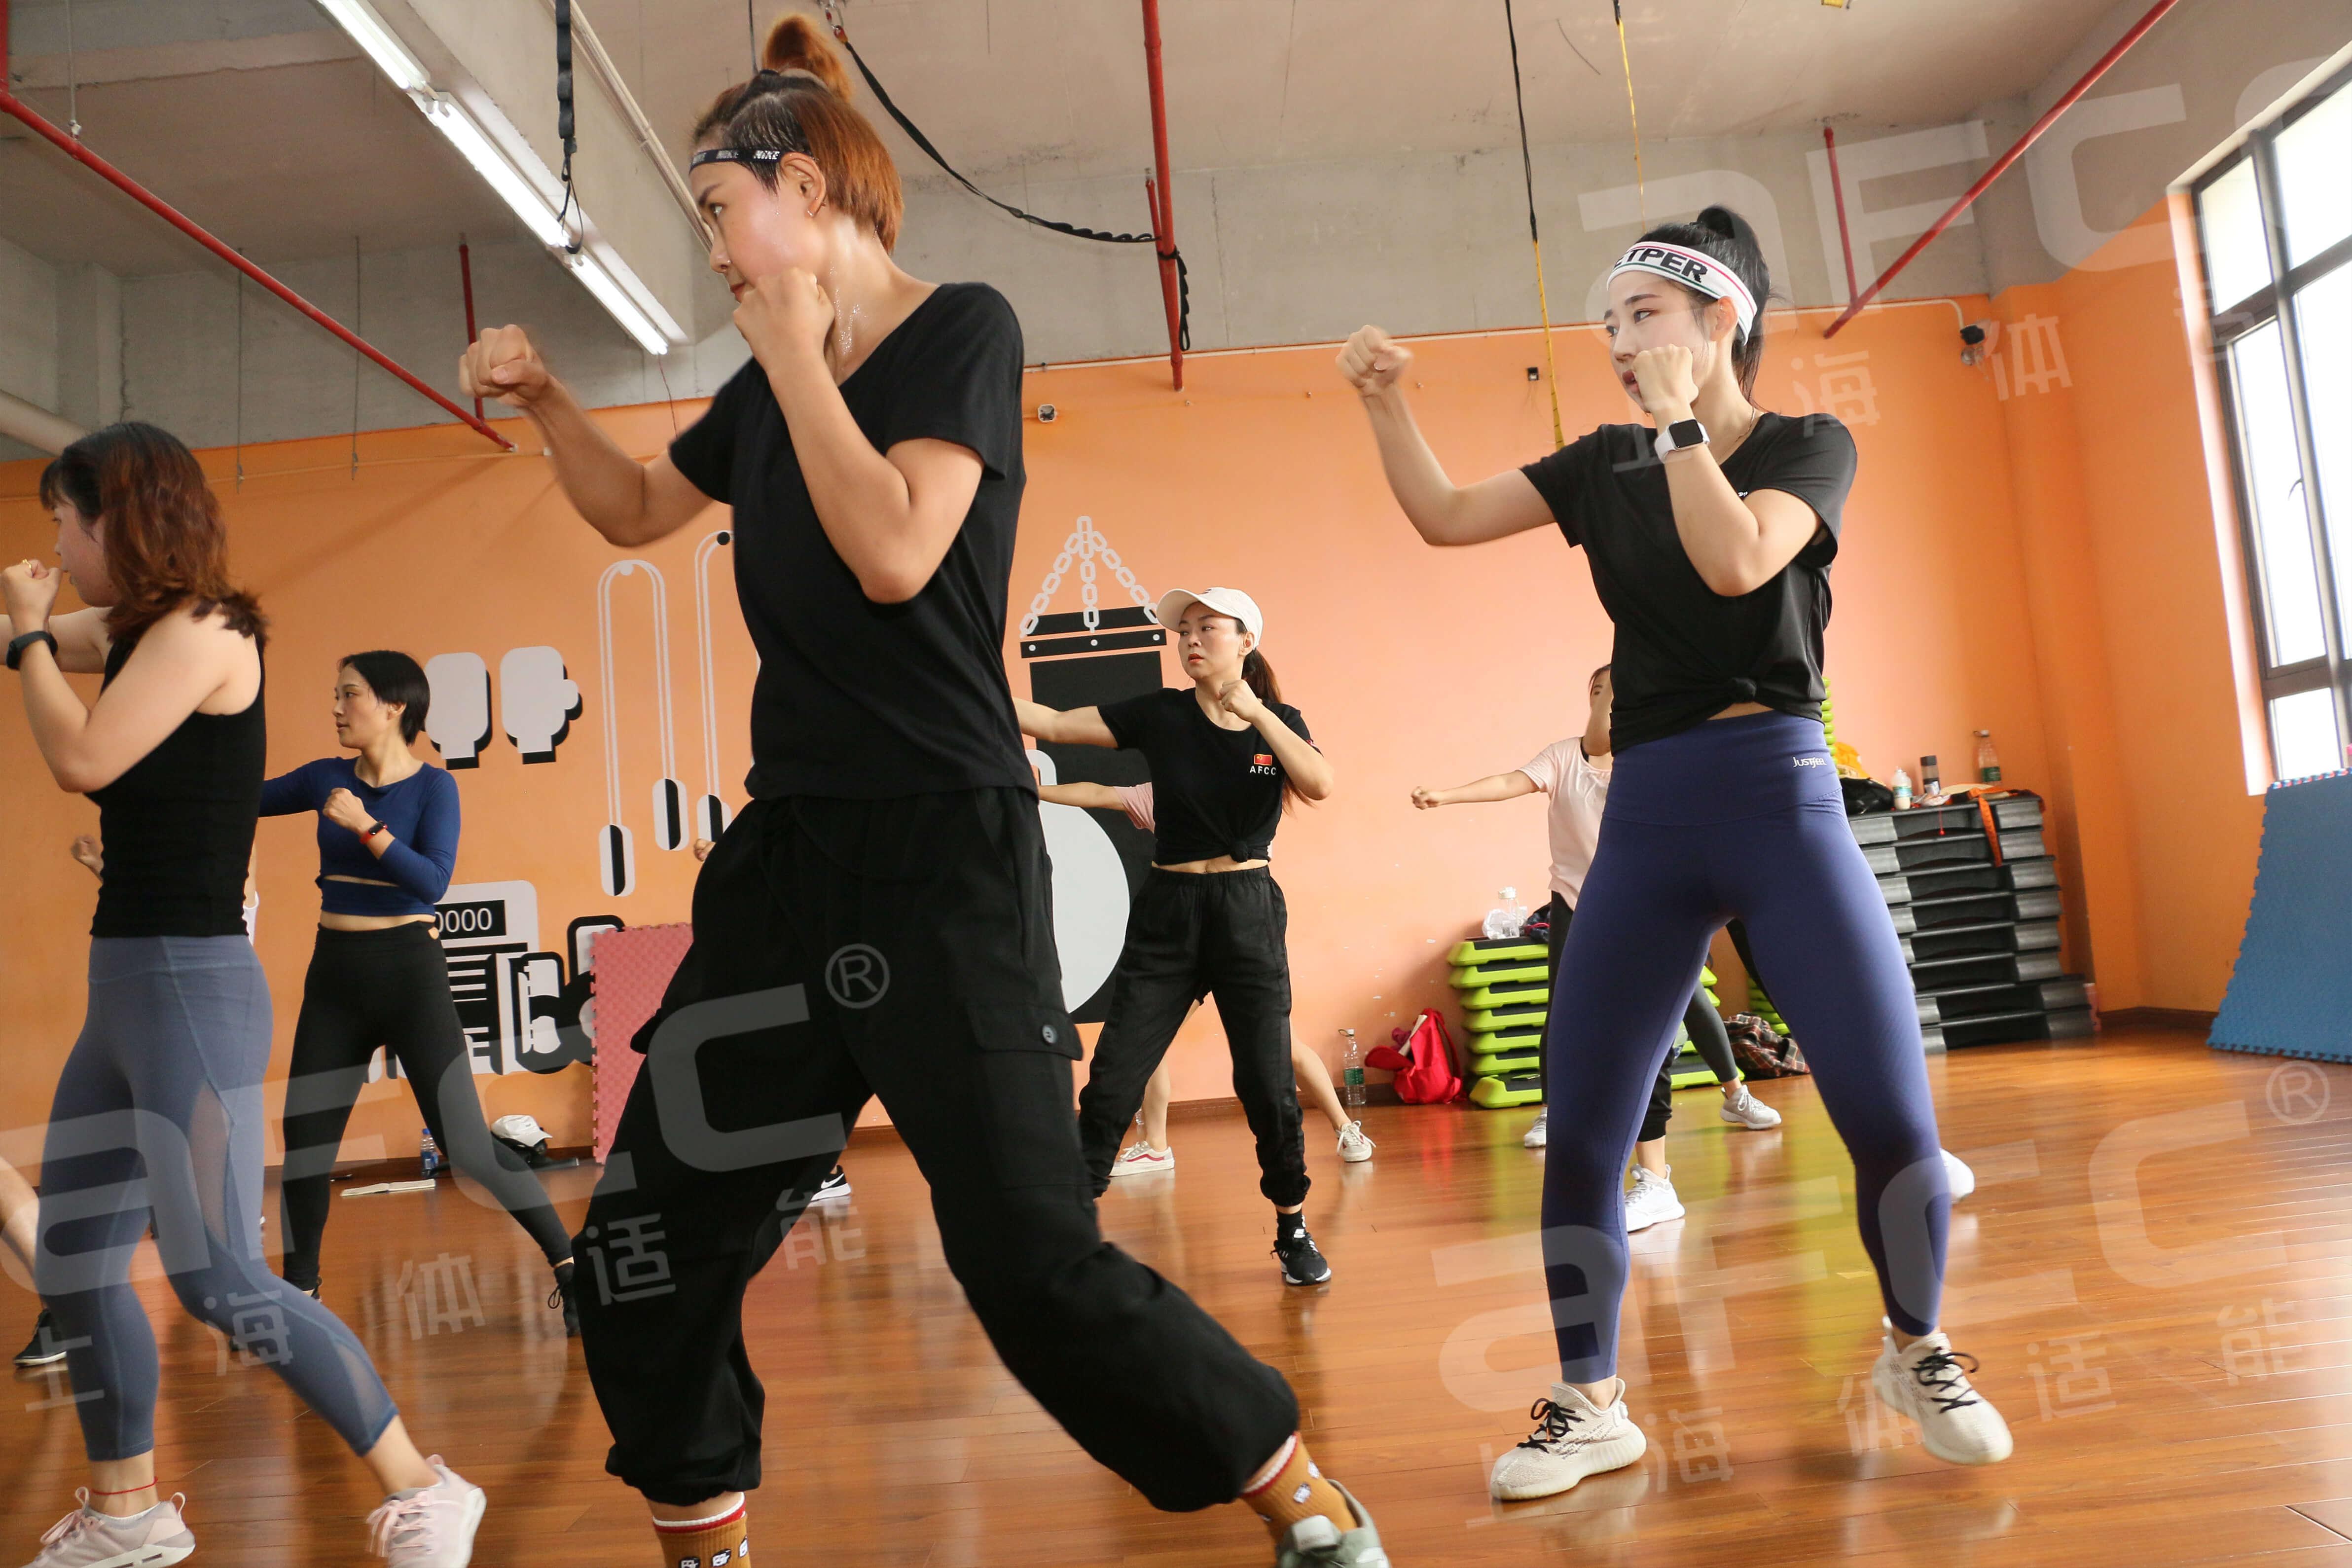 大幅度的蹦床跳跃运动可有效帮助血液循环